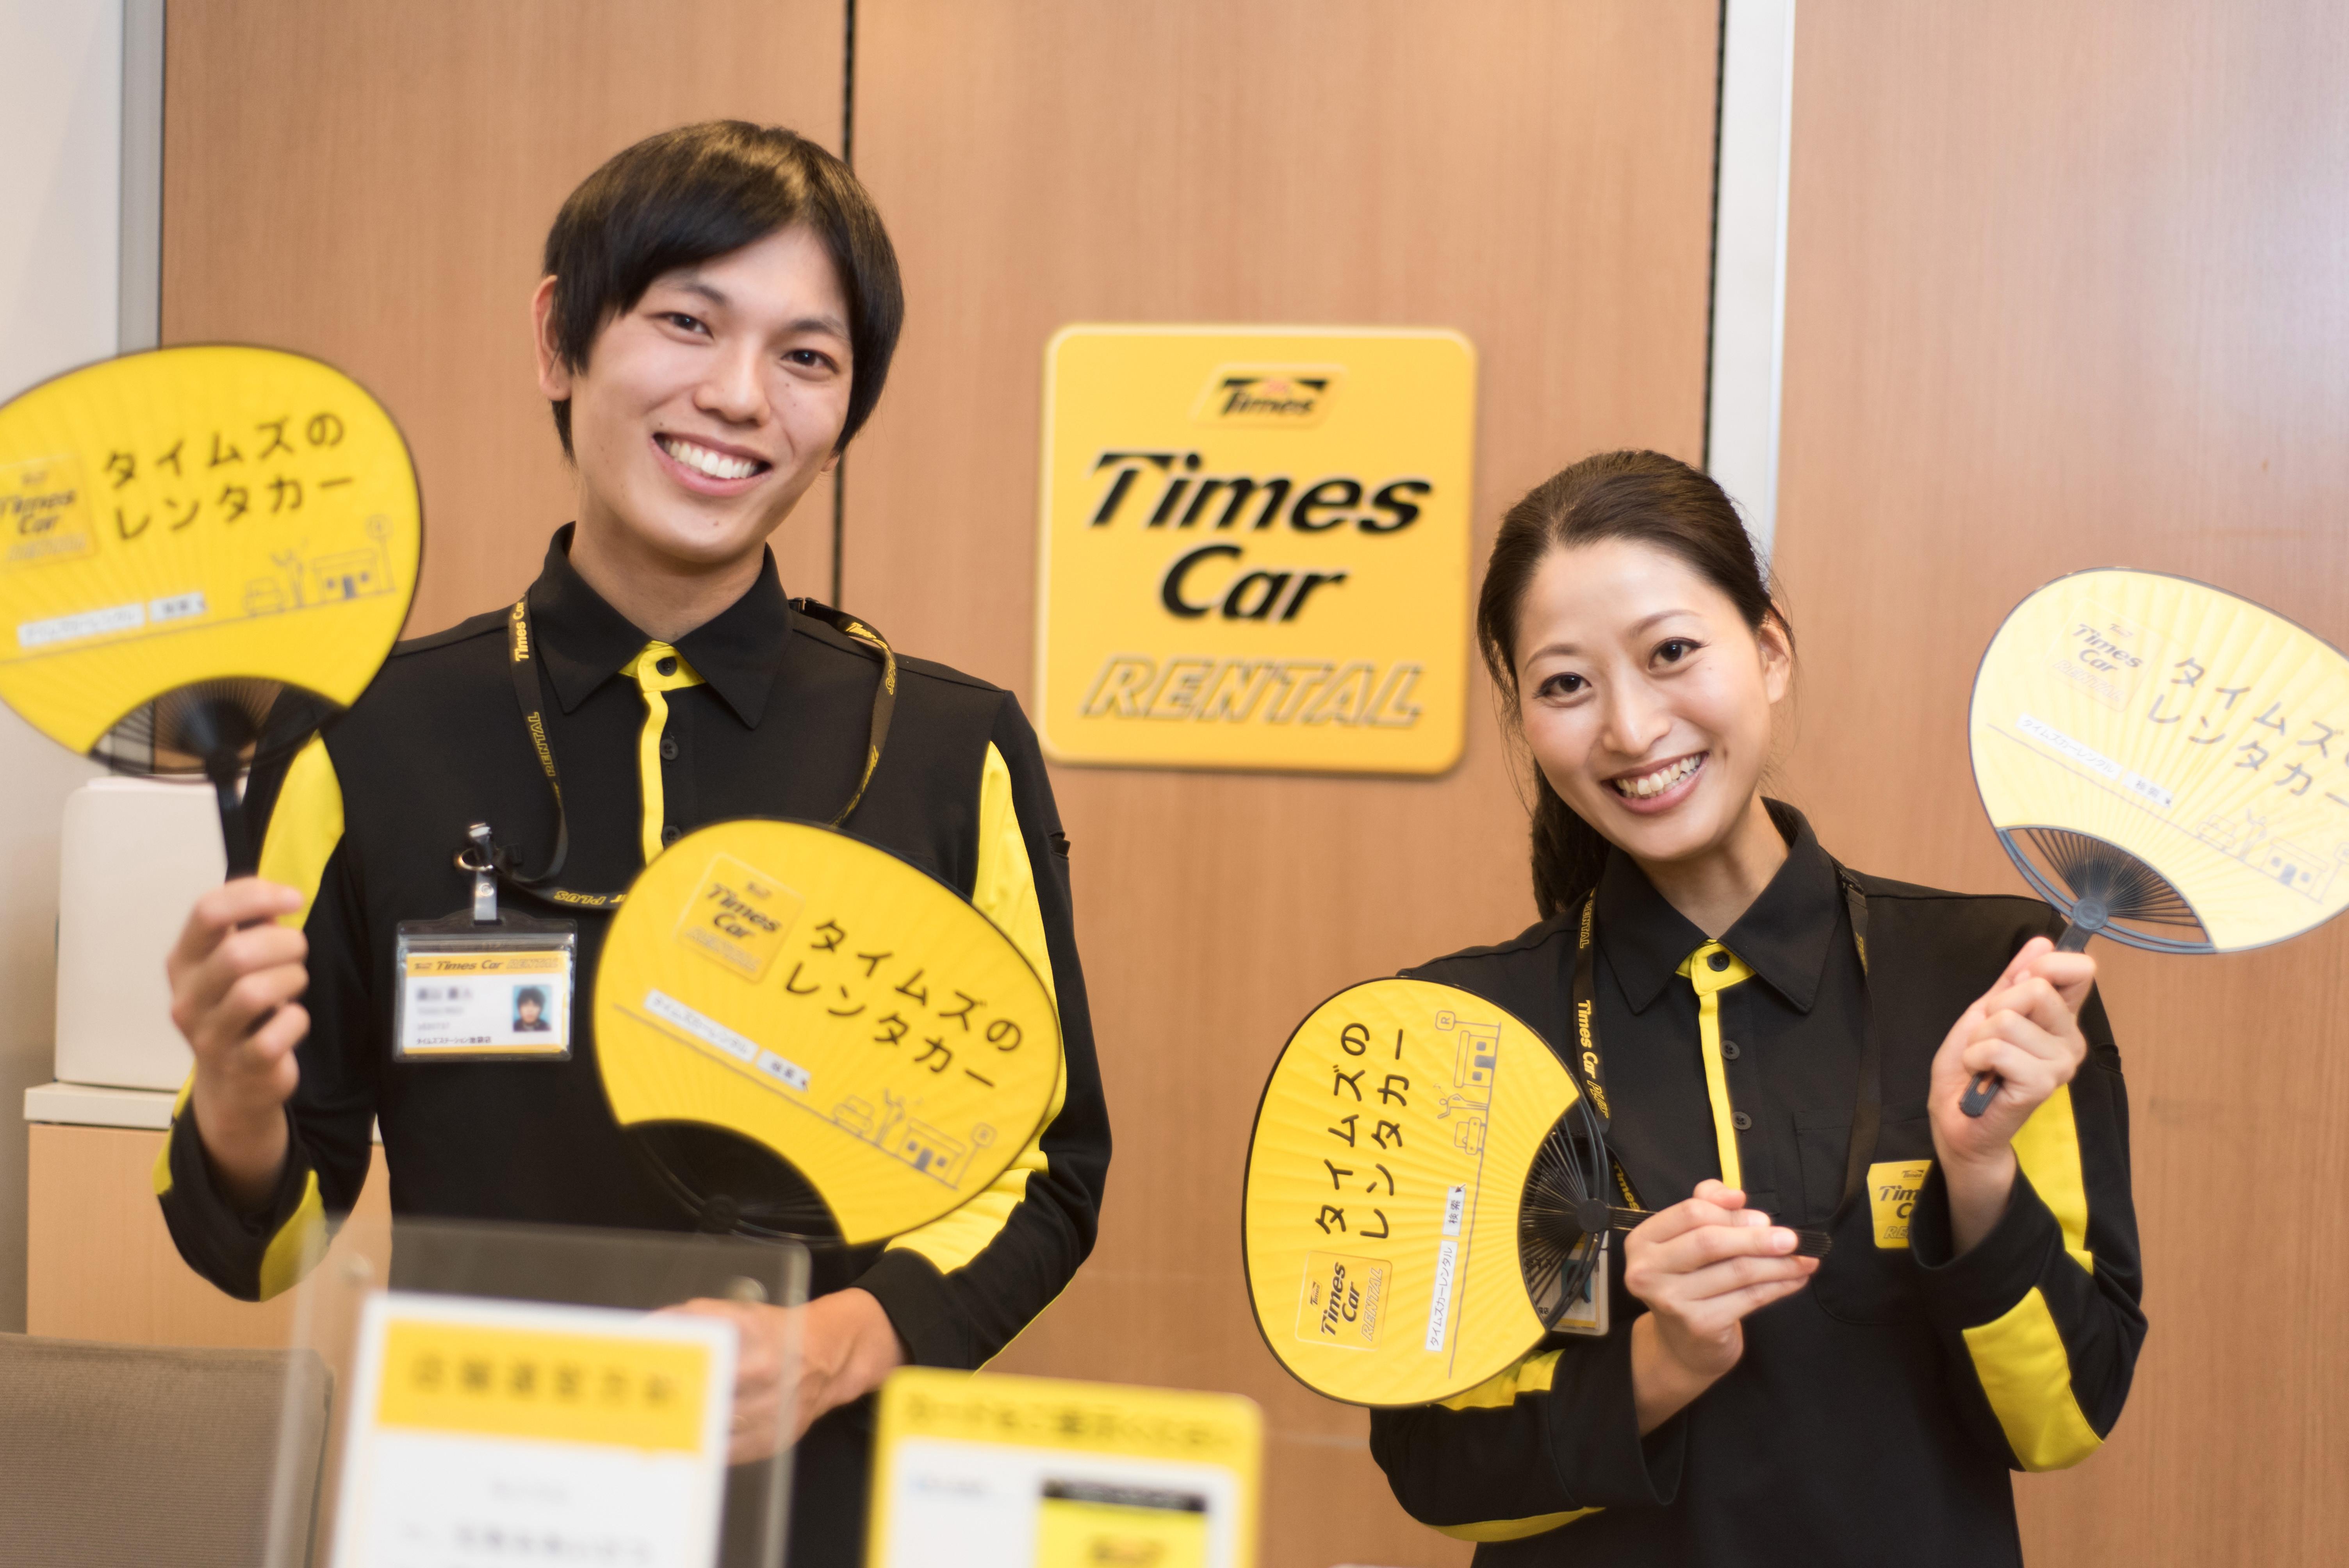 タイムズカーレンタル 仙台二日町店 のアルバイト情報